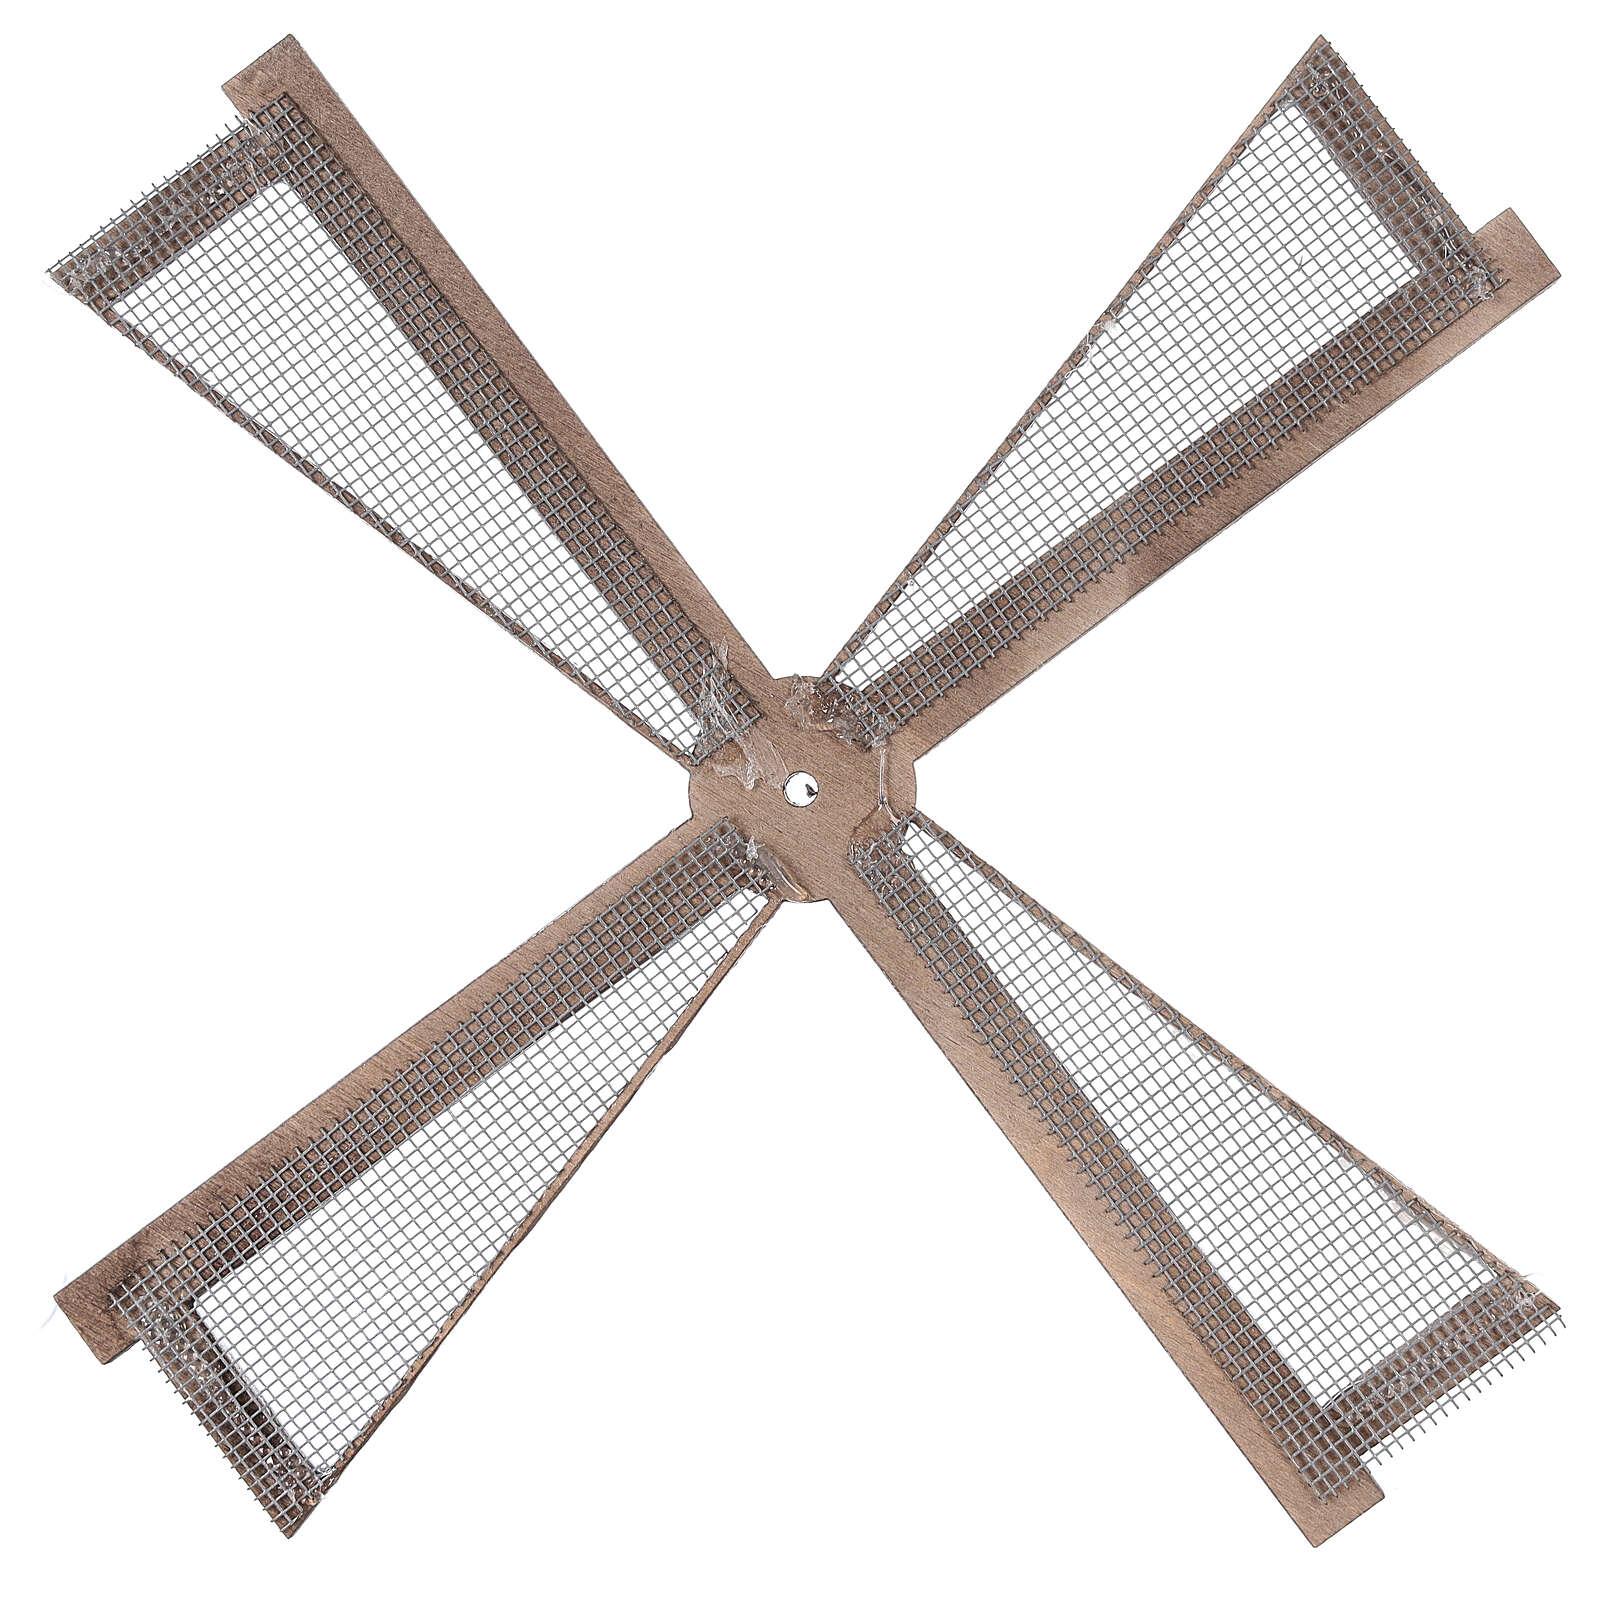 Pá para moinho de vento miniatura presépio estilo mediterrâneo 20x20 cm 4